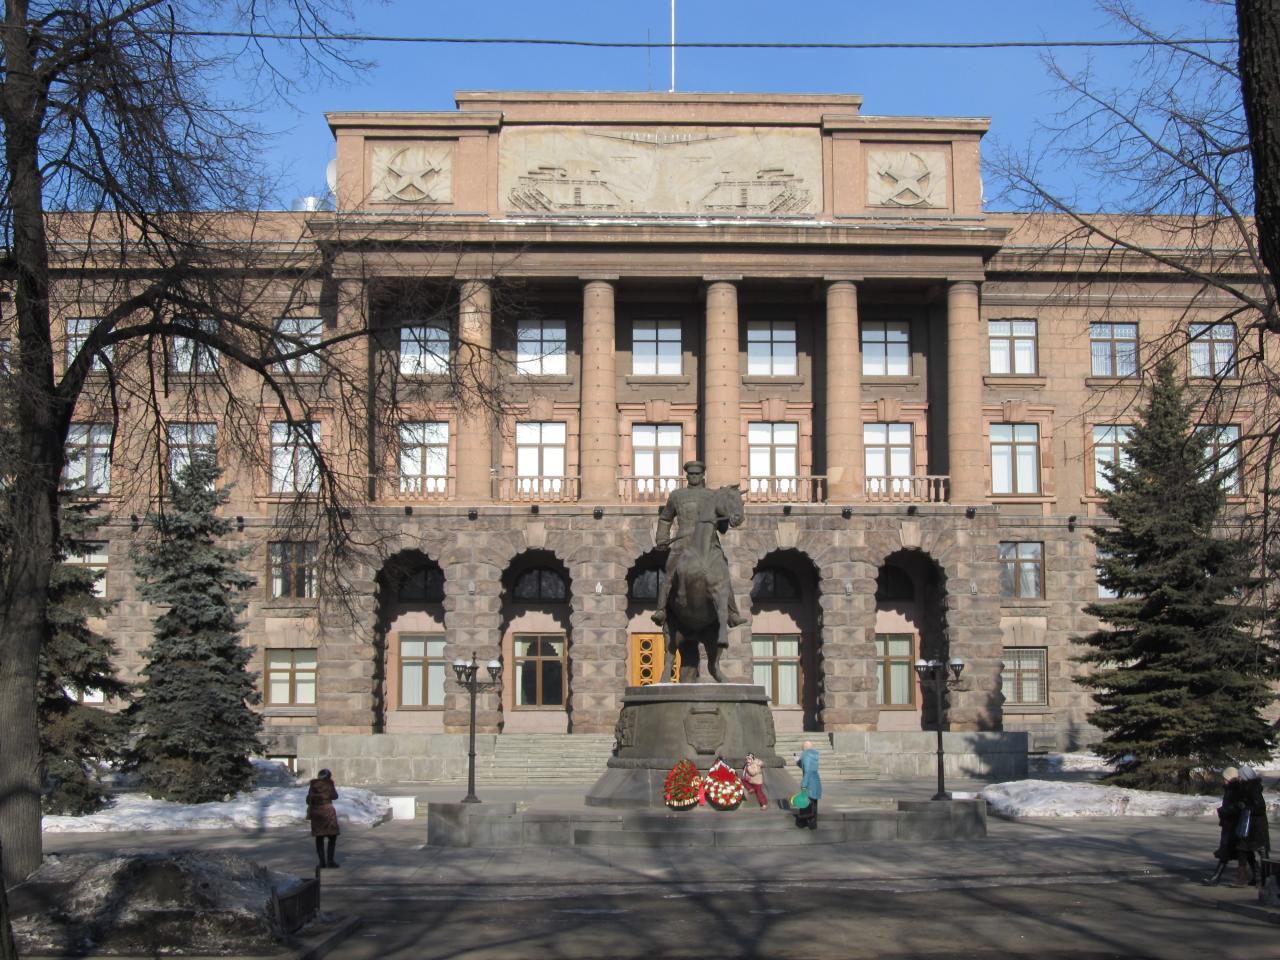 Что изображено на барельефе Штаба Центрального Военного Округа в Екатеринбурге?